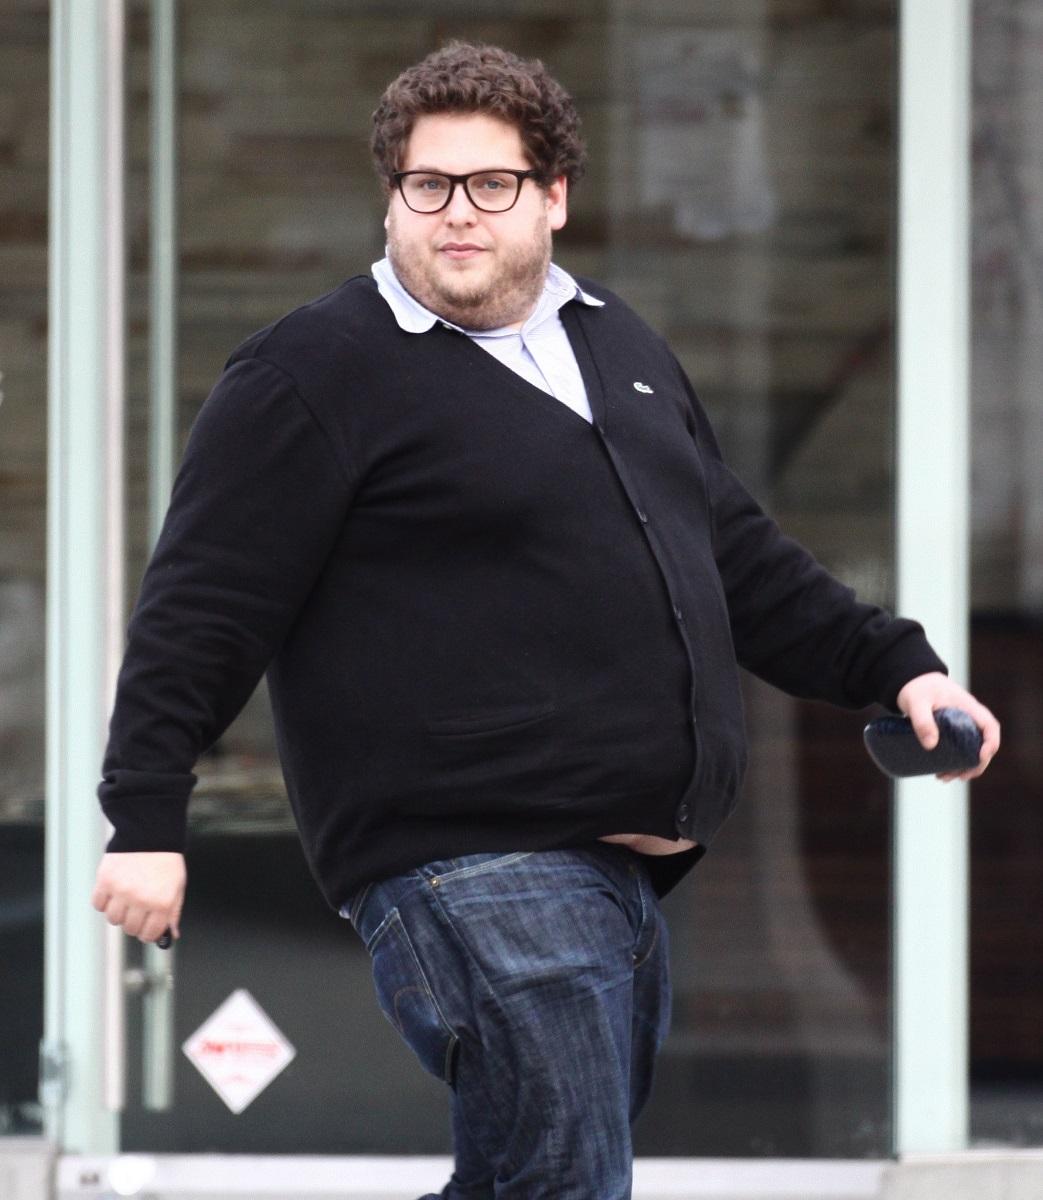 Jonah Hill, străzile din Los Angeles, îmbrăcat în blugi, cămașă albă, pulover negru, mai gras. Fundal cu ferestre gri cu alb